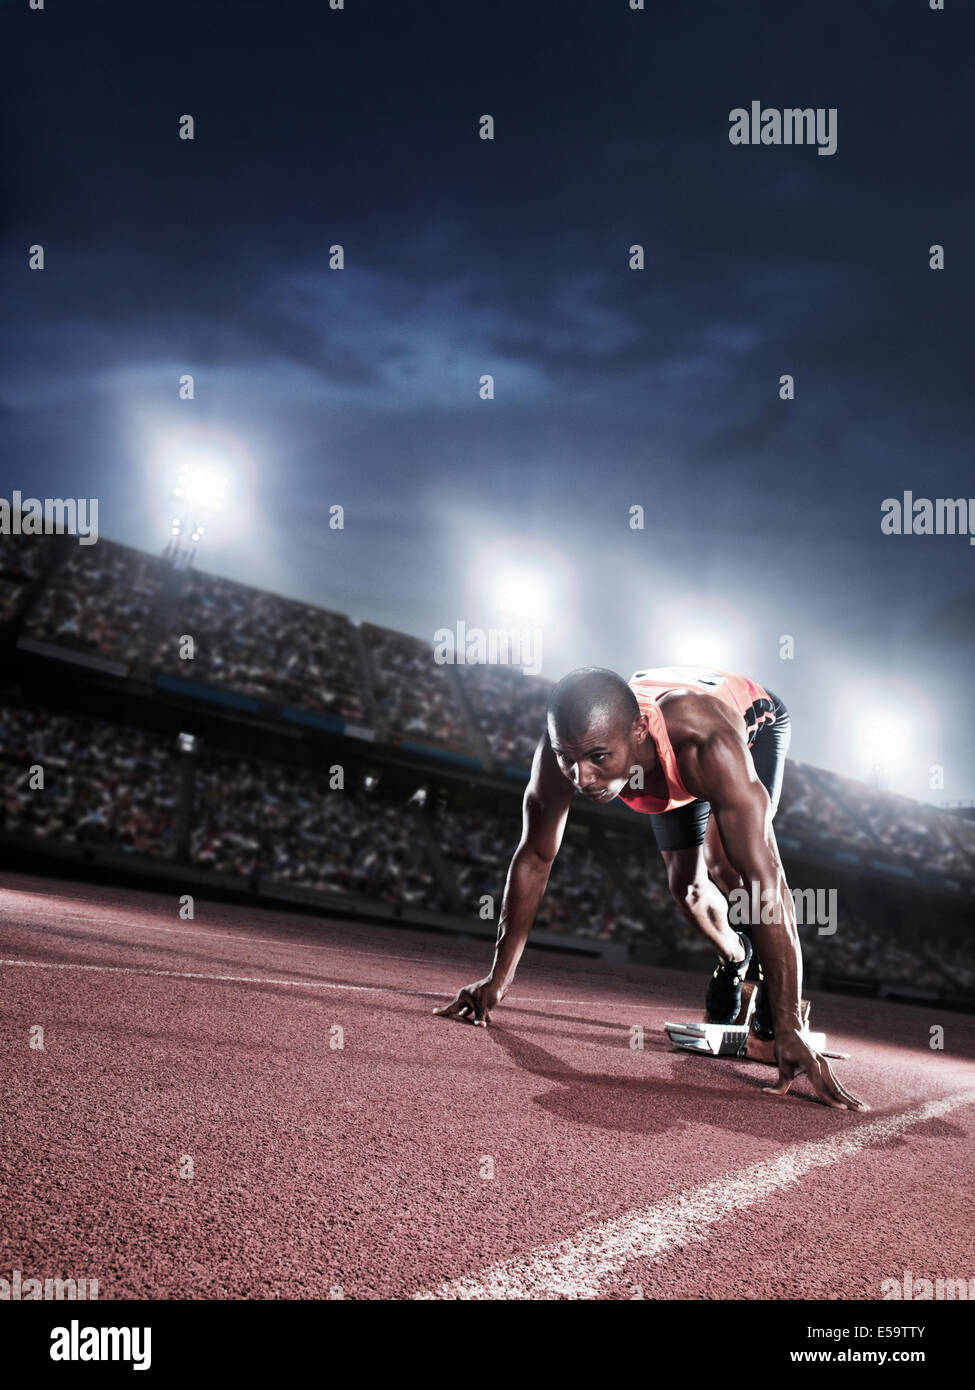 Läufer an der Startlinie auf dem richtigen Weg bereit Stockbild